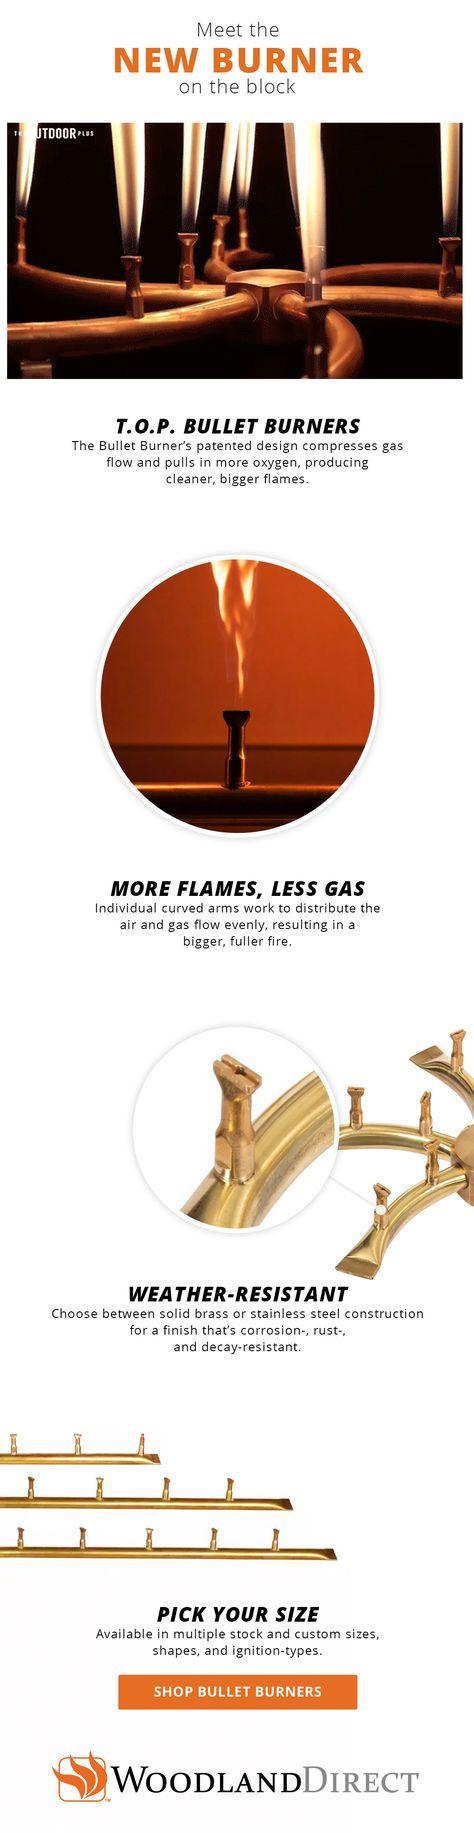 80 Best Diy Gas Fire Pit Materials Ideas Diy Gas Fire Pit Fire Pit Materials Fire Glass